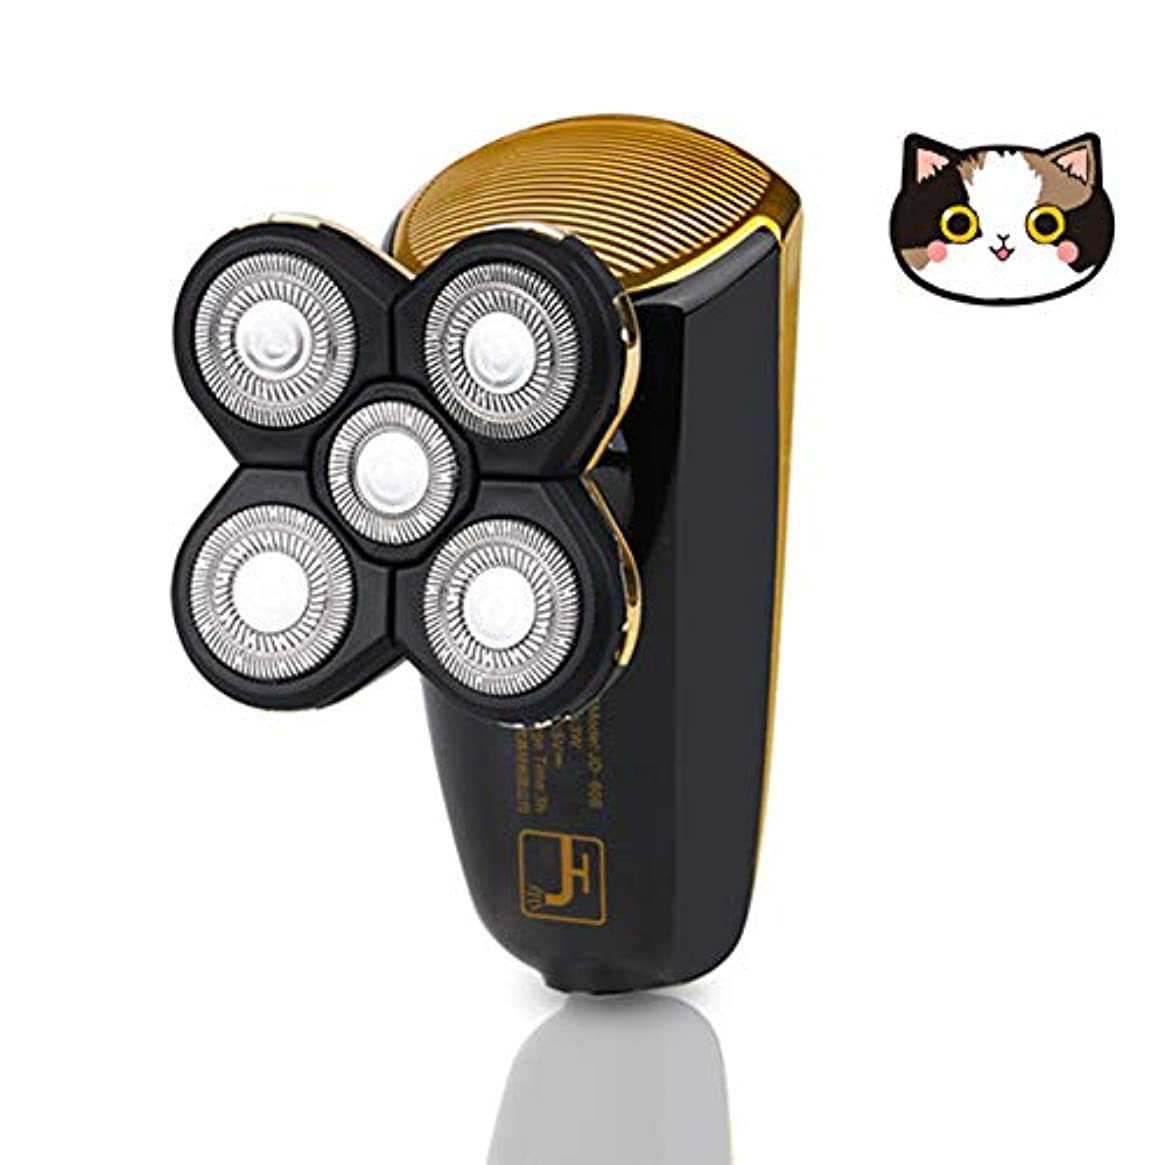 調べる西部言うまでもなくMACOLAUDER メンズシェーバー USB充電式 5枚刃 回転式ヘッド 電気 WET&DRY シェーバー ヒゲソリ IPX6級防水 お風呂剃り&丸洗い可 男性用 ミニ鏡付 ゴールド